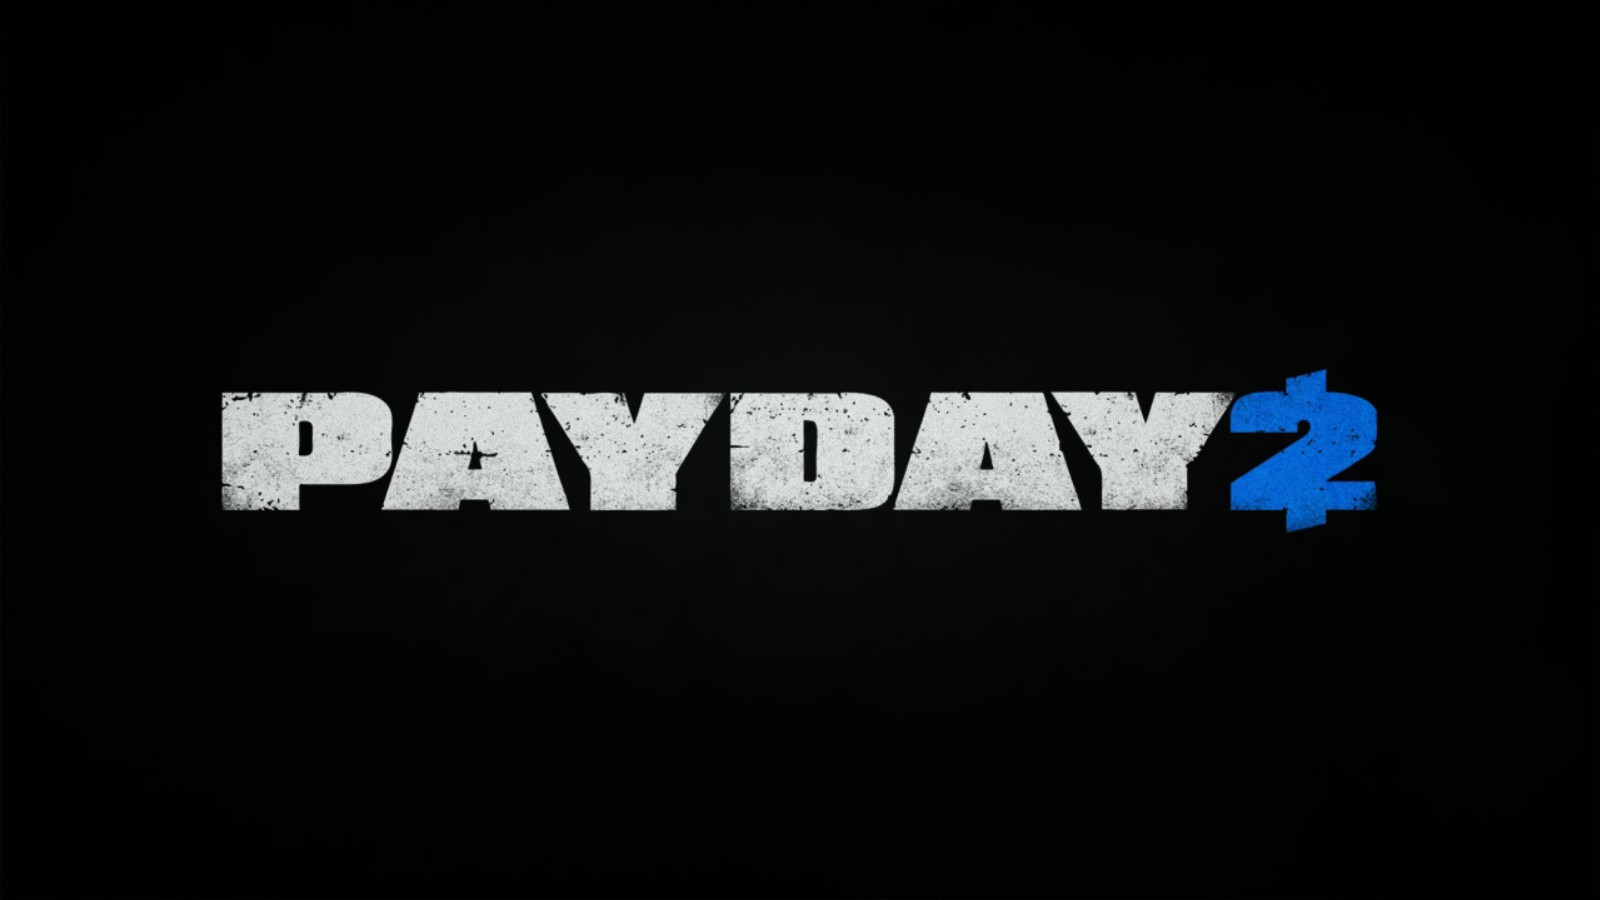 Payday 2 Logo. - Payday 2